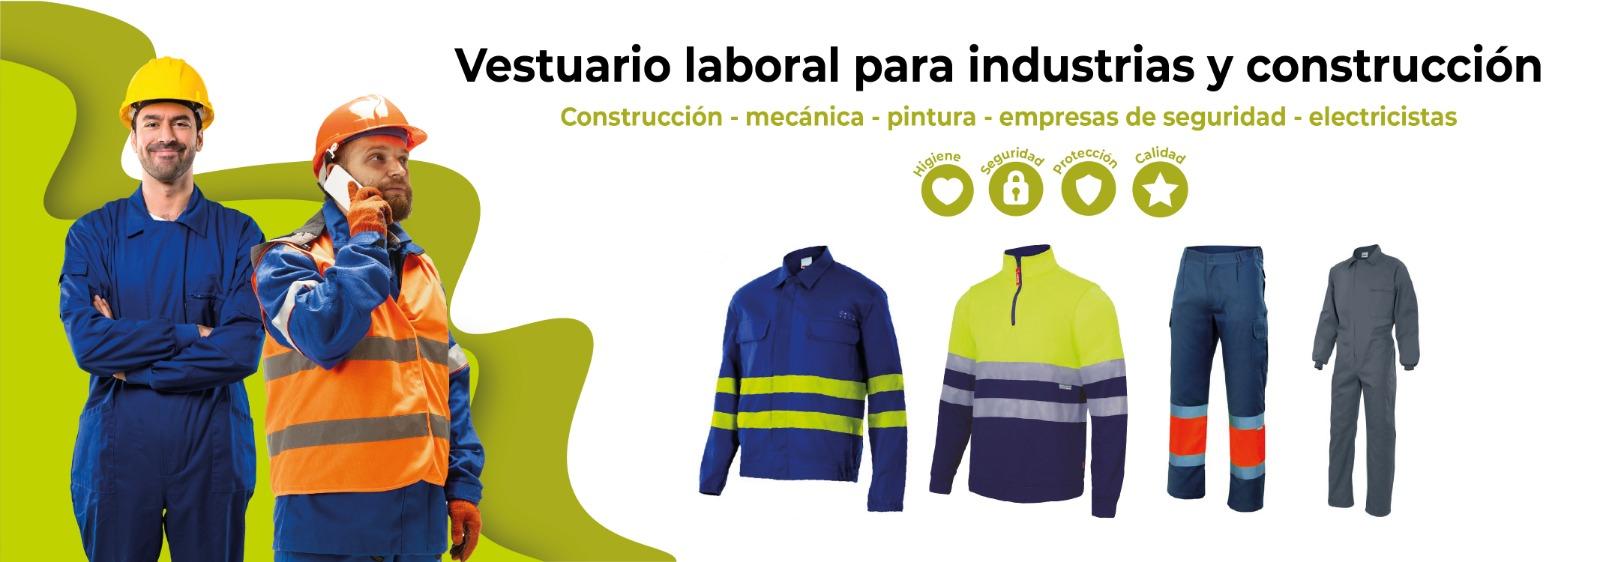 Vestuario industrial y construcción